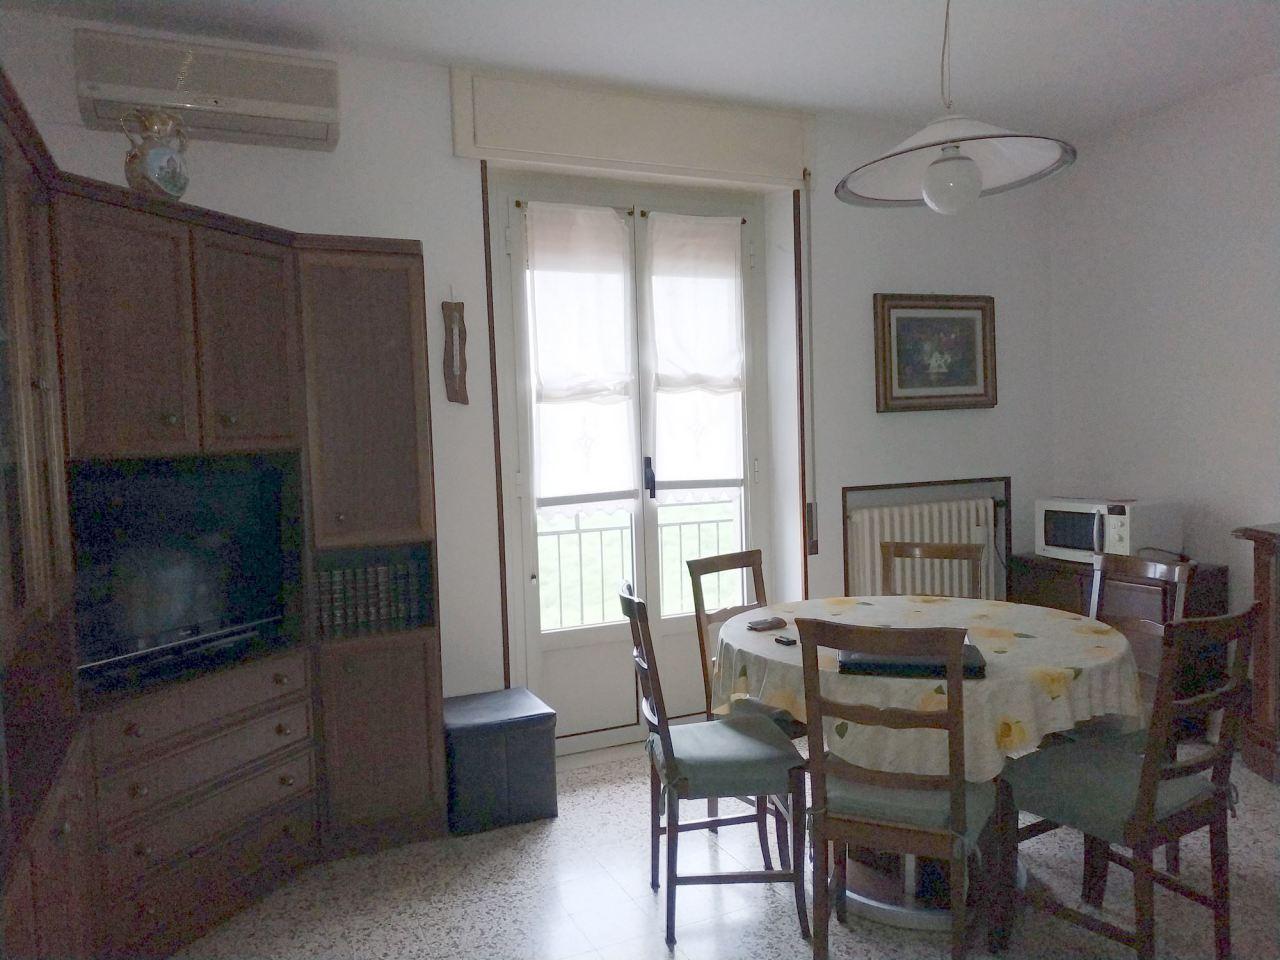 Appartamento - 2 camere a Parma Frazioni - Delegazioni, Parma